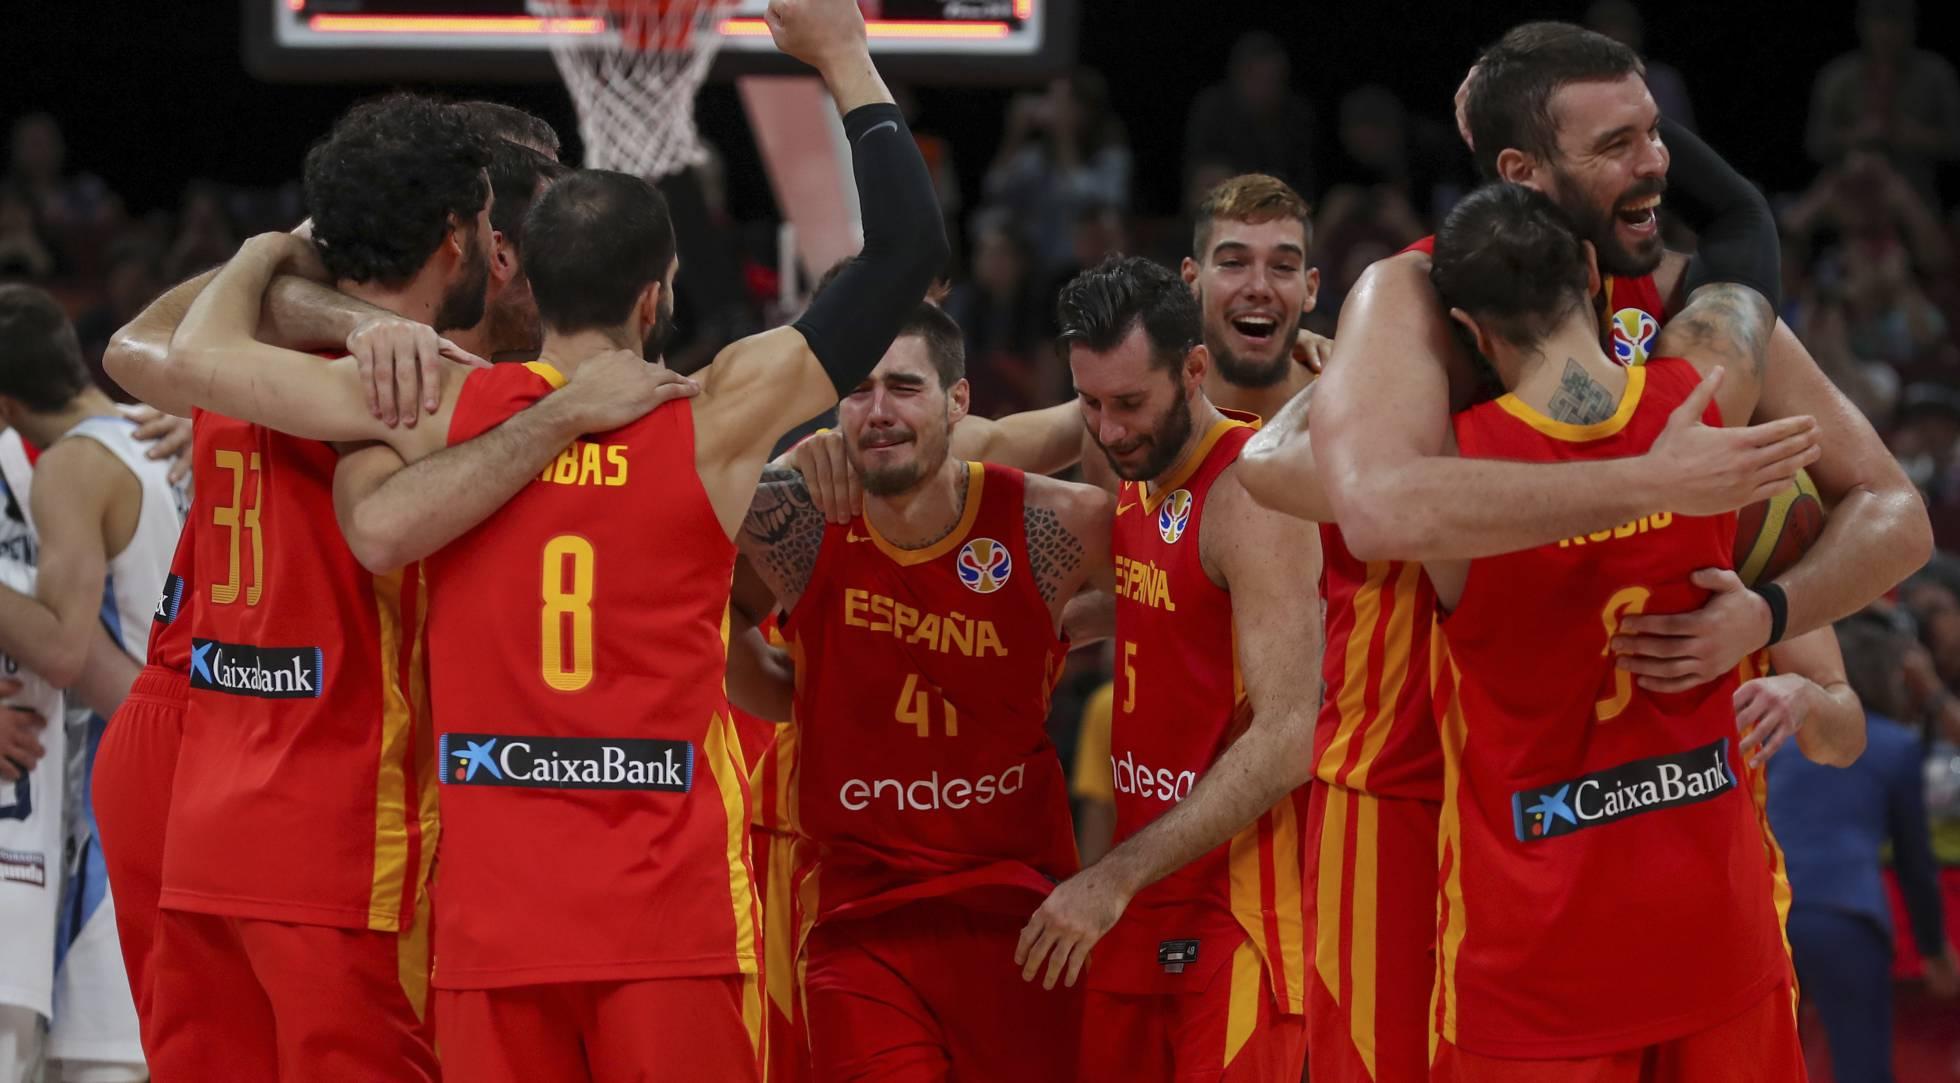 España - Argentina, las imágenes de la final del Mundial de baloncesto